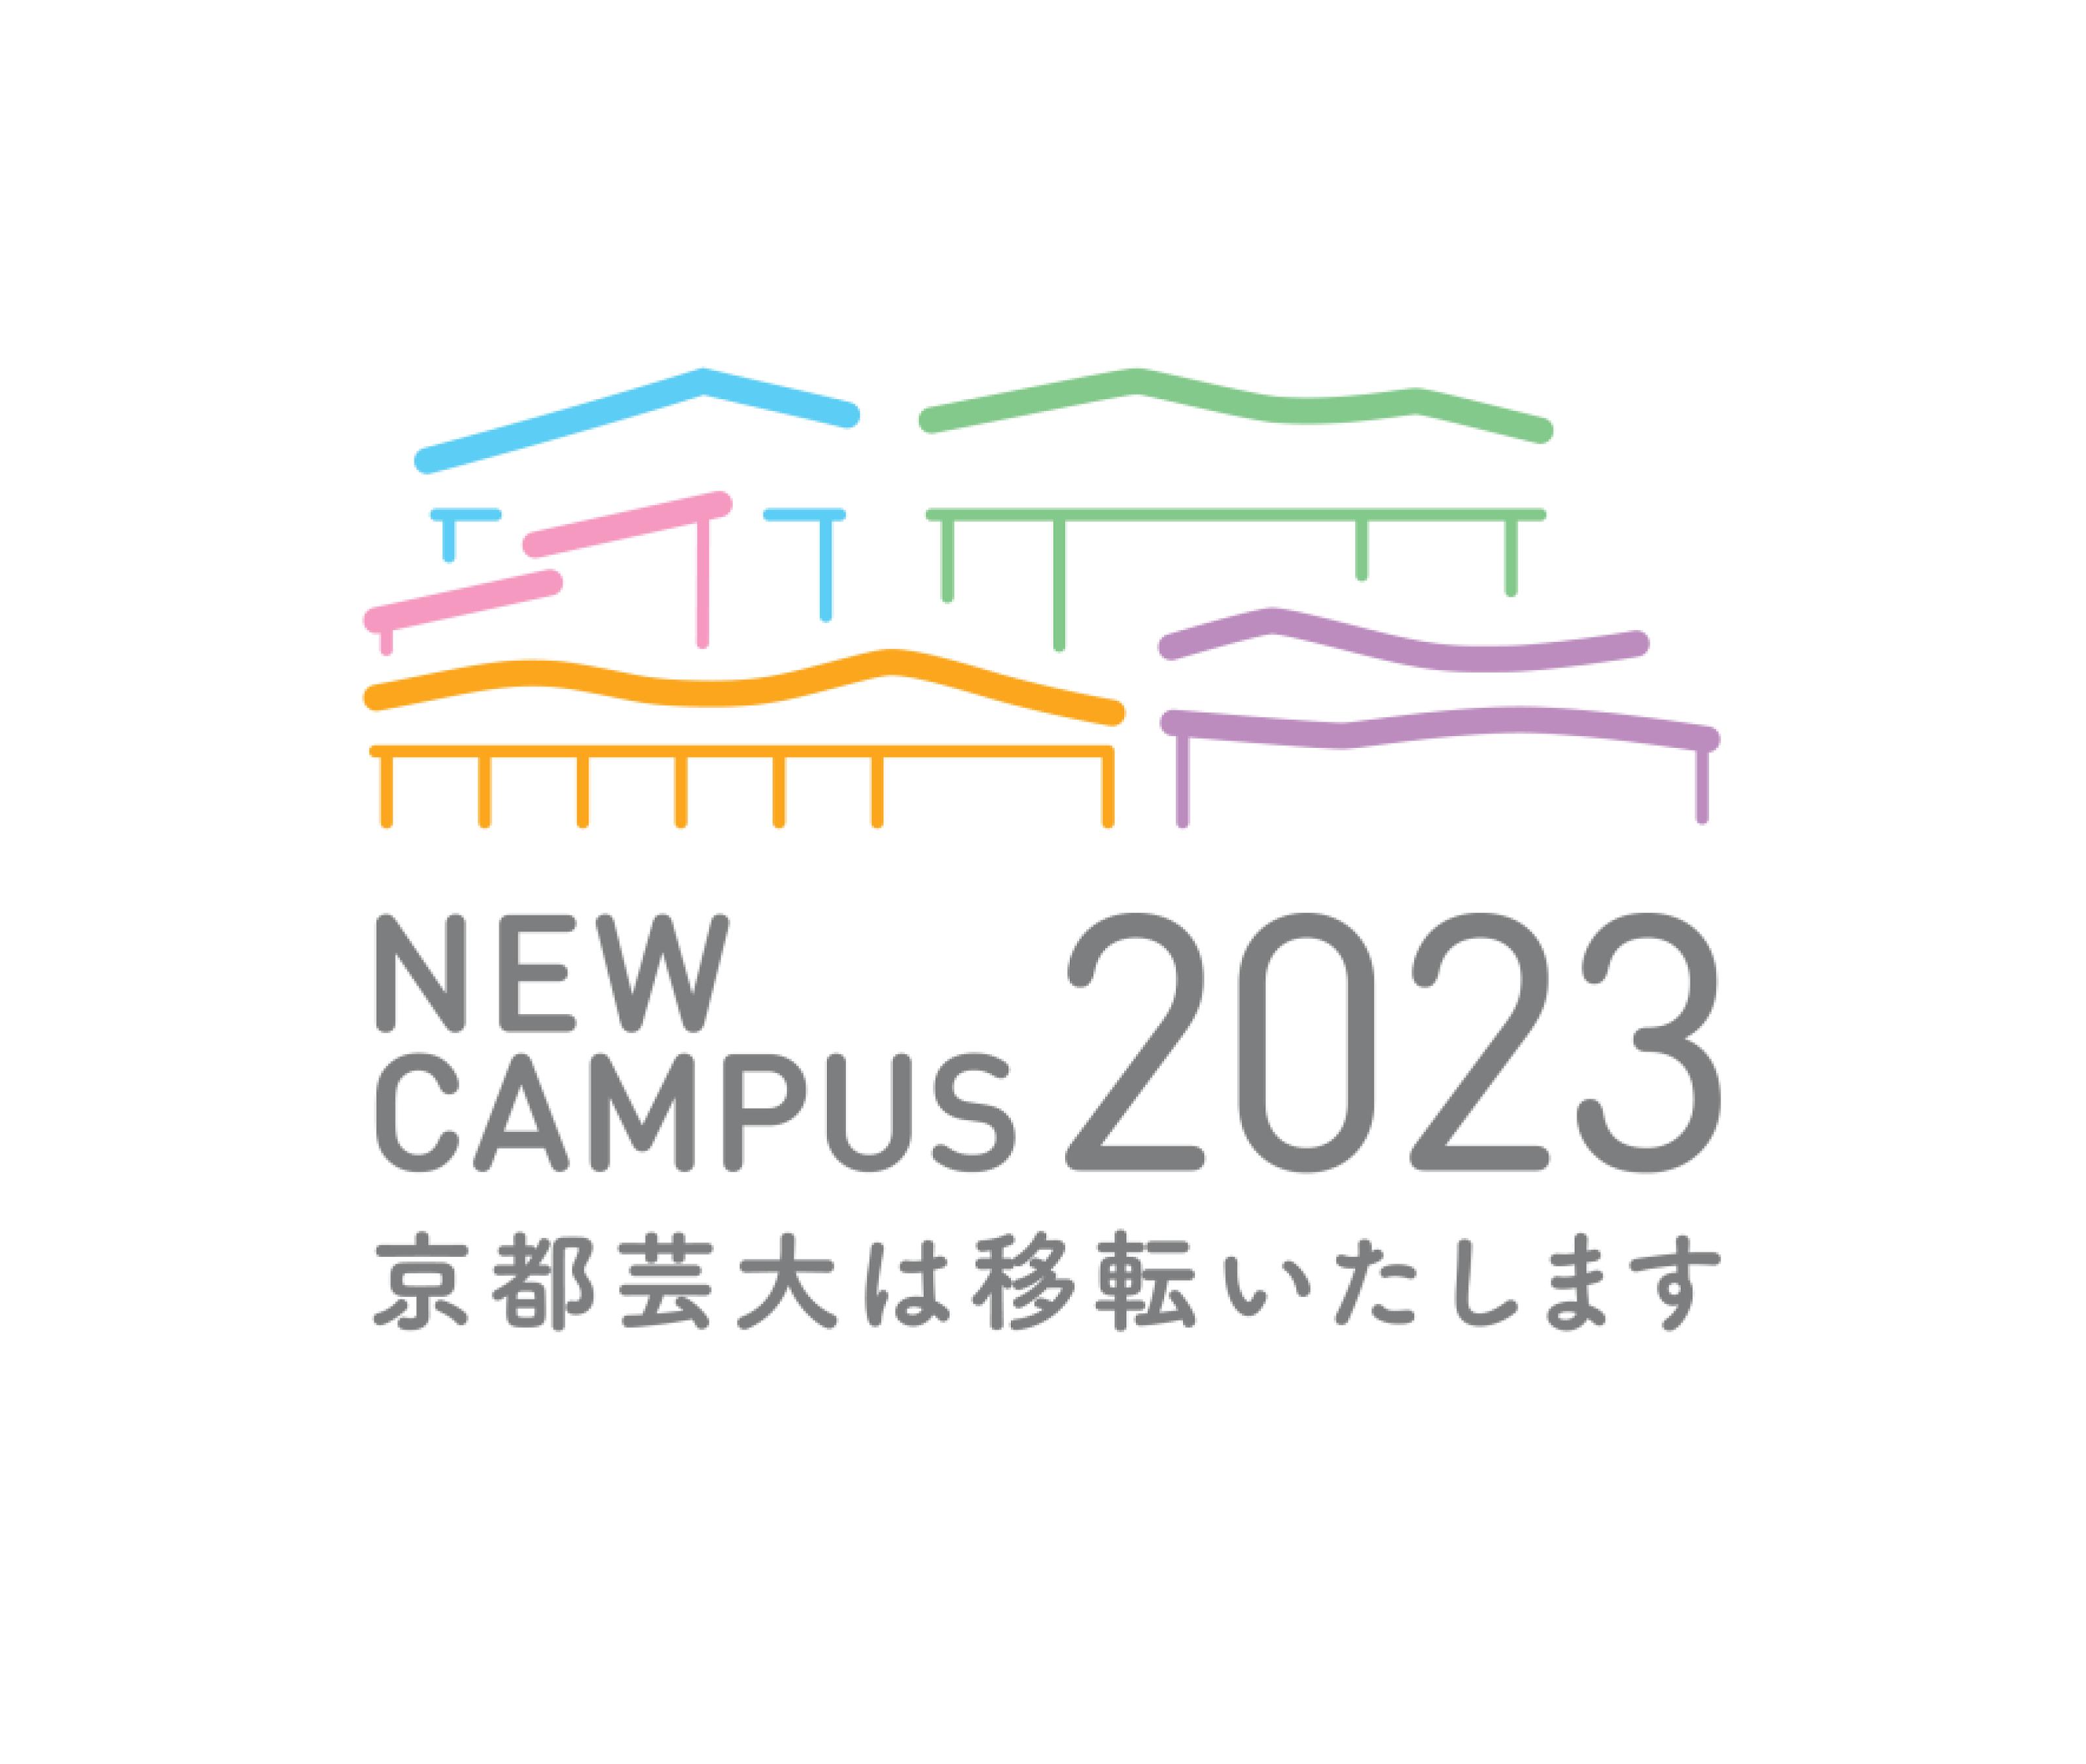 NEW CAMPUS 2023